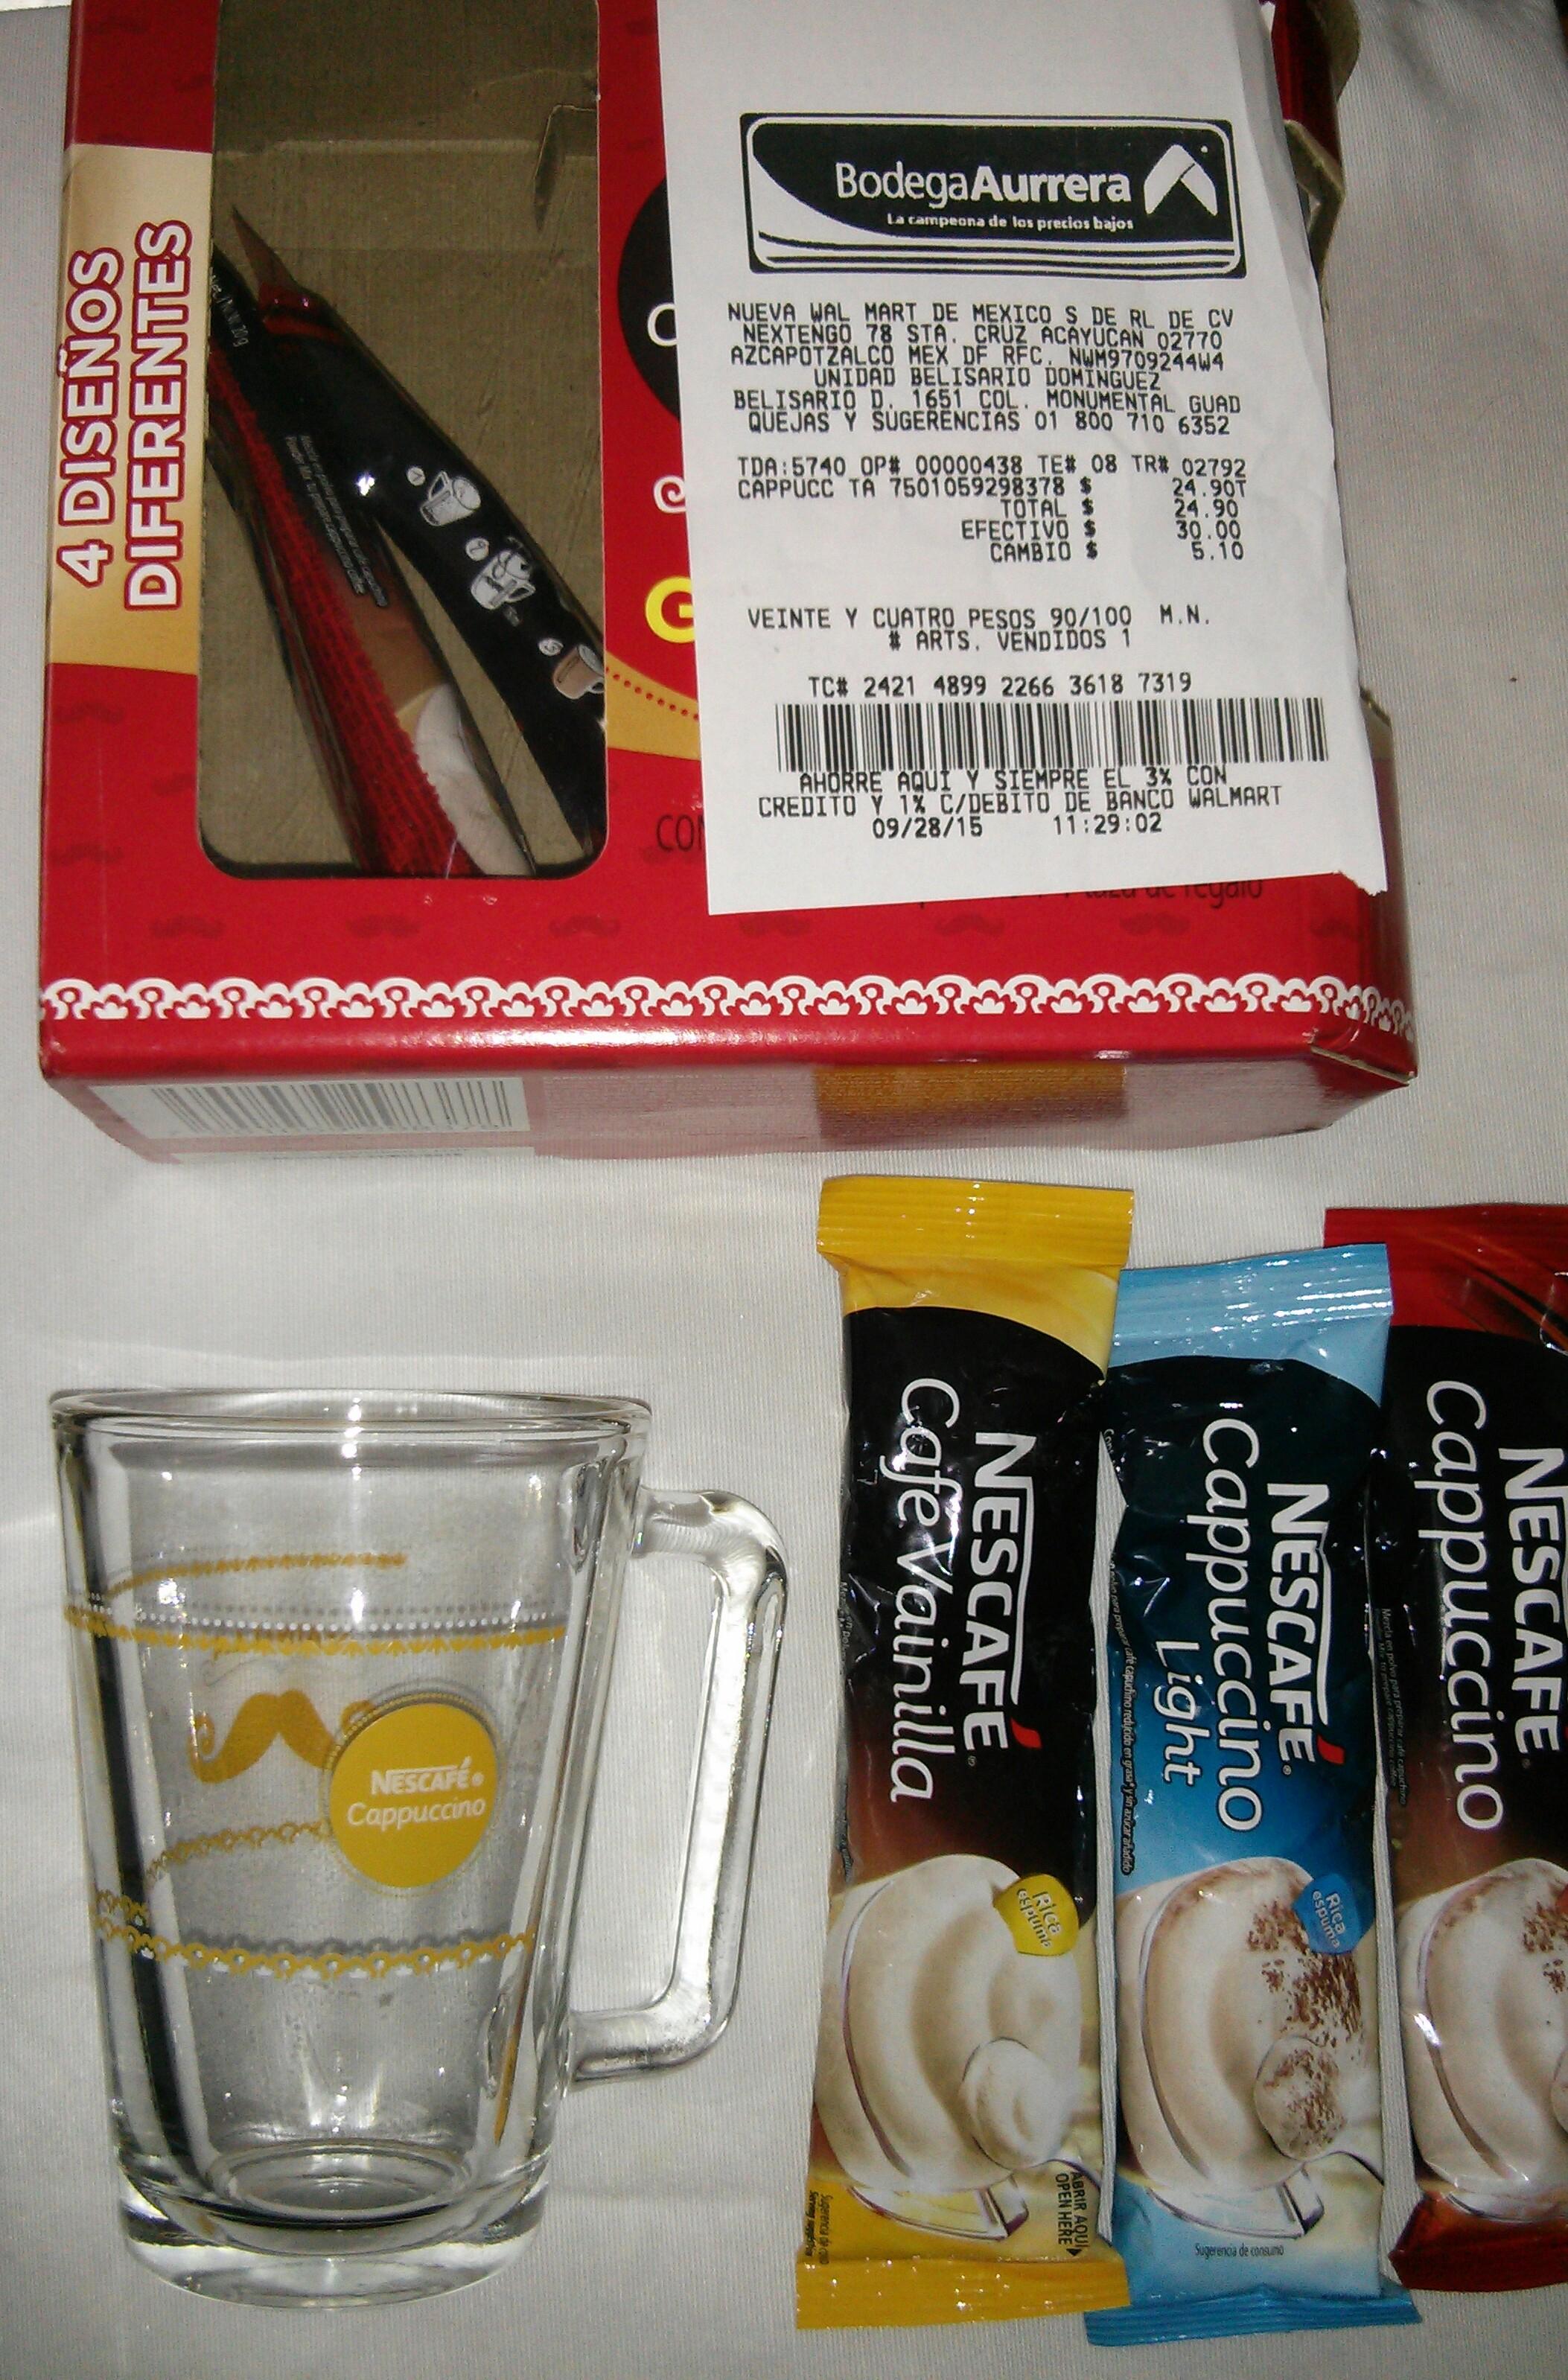 Bodega Aurrerá: 5 sobres Nescafé capuchino + taza $25